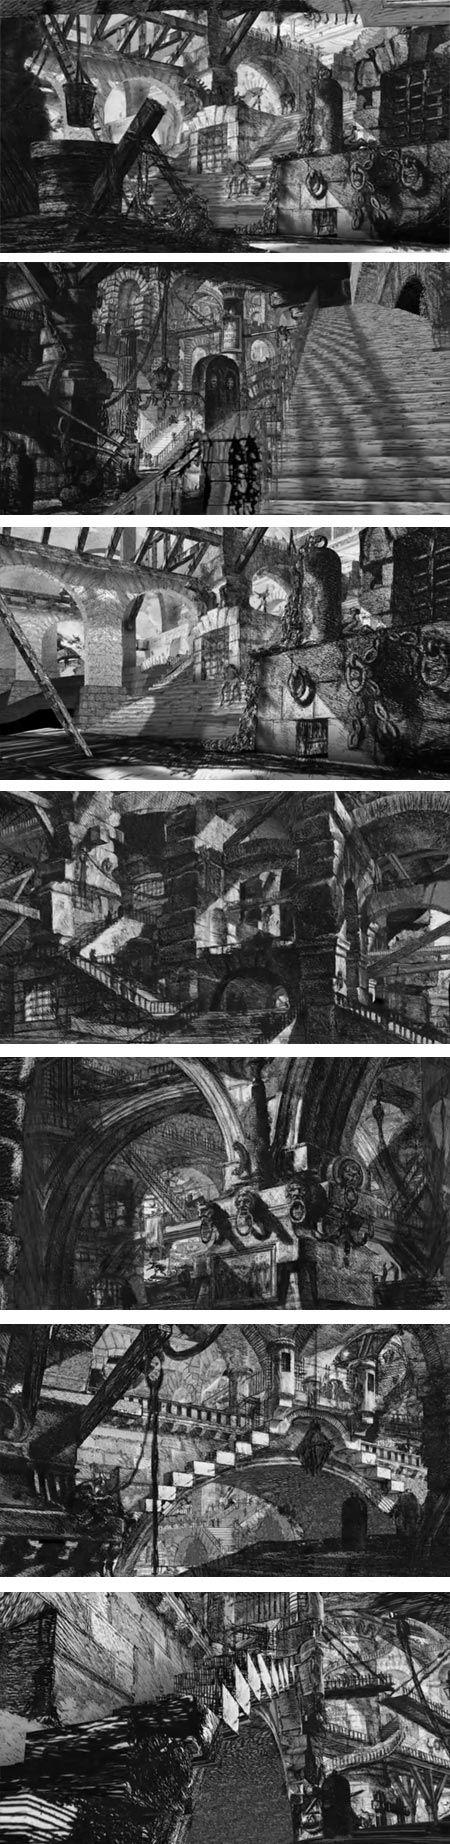 """""""La gravure aux mains de Vasi et de tant d'honnêtes manufacturiers d'estampes, n'était guère qu'un procédé économique et rapide de reproduction mécanique, par lequel l'excès de talent était plus dangereux qu'utile"""" (Marguerite Yourcenar, """"Le Cerveau noir de Piranèse"""" 1959 et 1961, in """"Sous bénéfice d'Inventaire"""", La Pléiade, 1991)."""